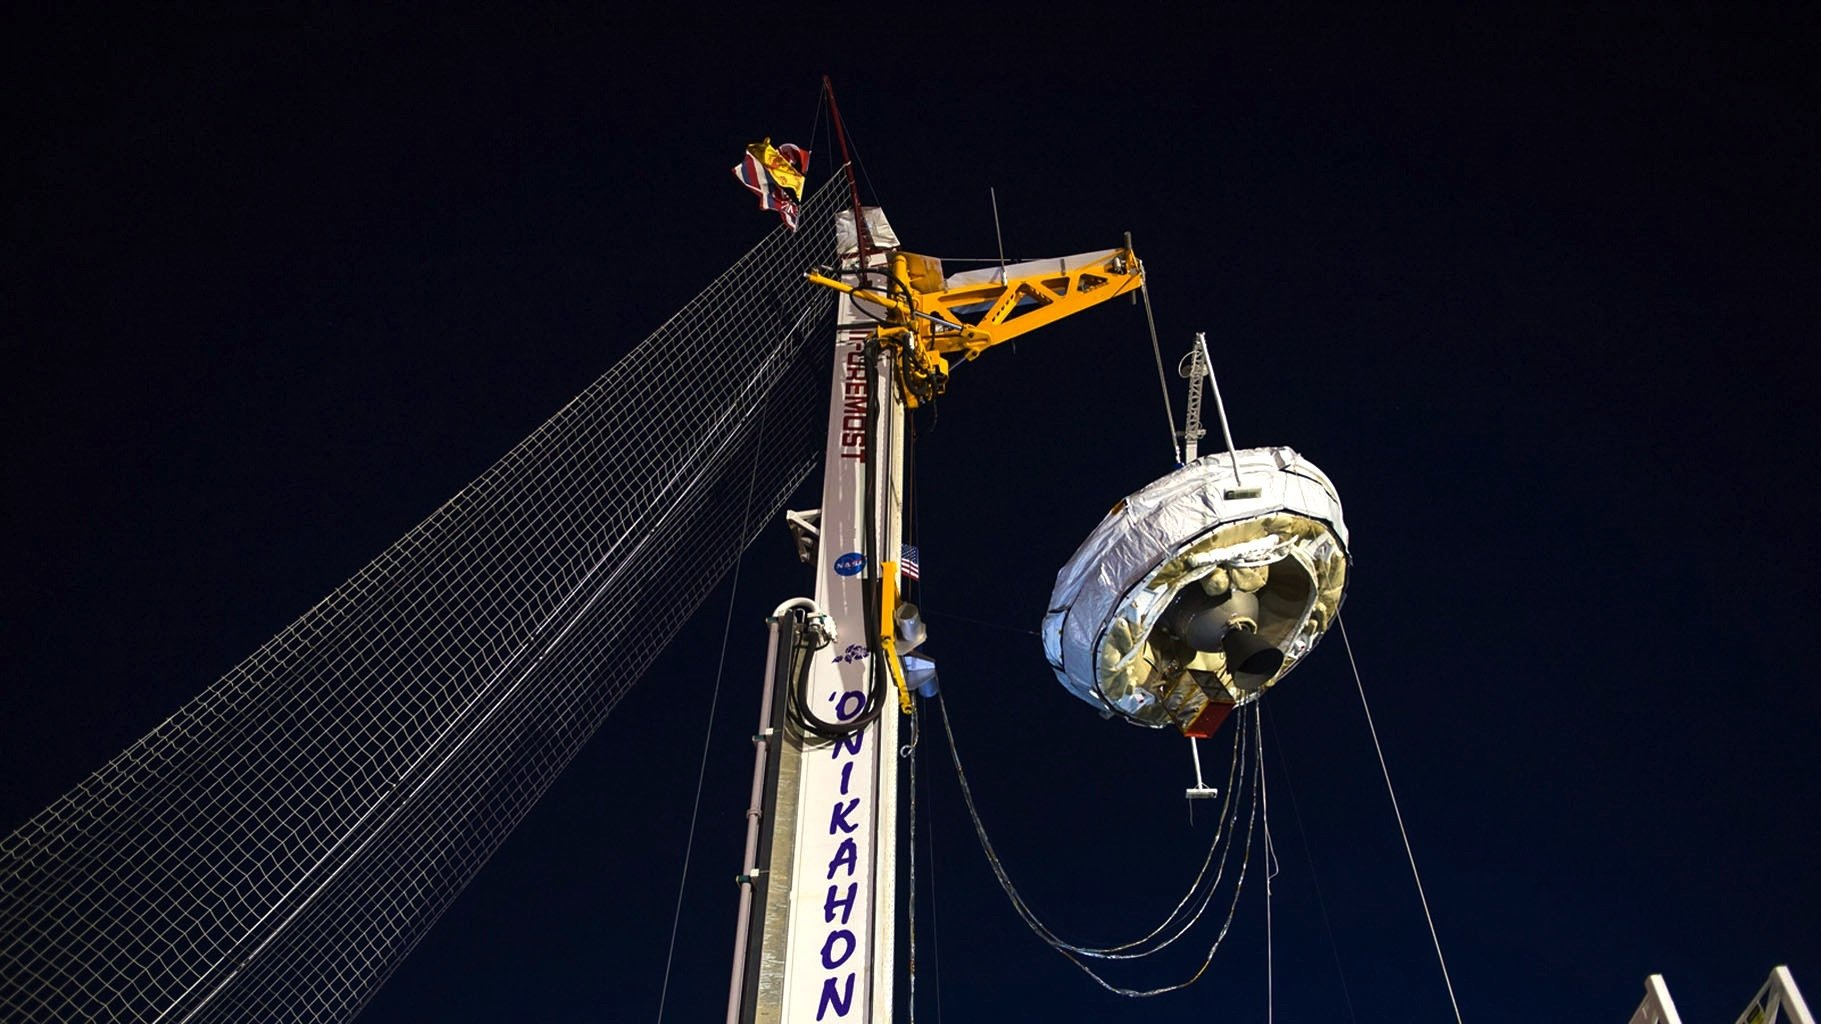 Riesenfallschirme wie derLDSD werden gebraucht, um bei bemannten Mars-Missionen große Lasten auf dem Mars abzusetzen. Aufgrund der dünnen Atmosphäre ist das schwierig.